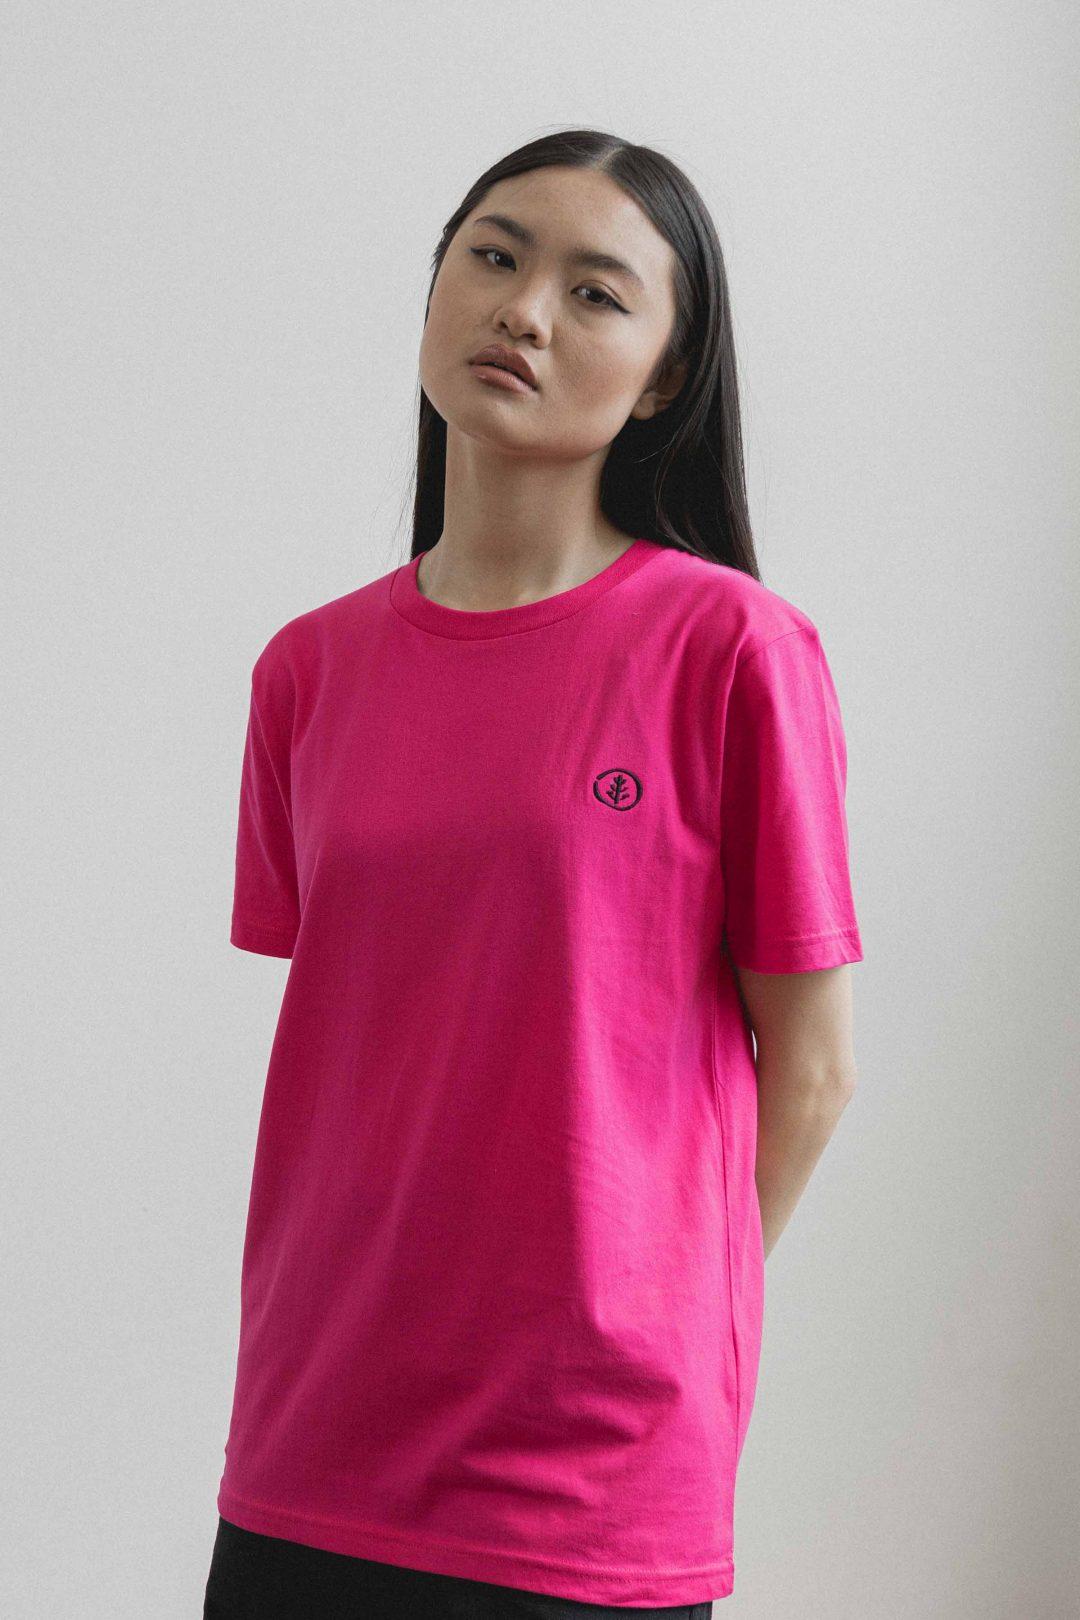 kodama apparel - zen t shirt fucshia3